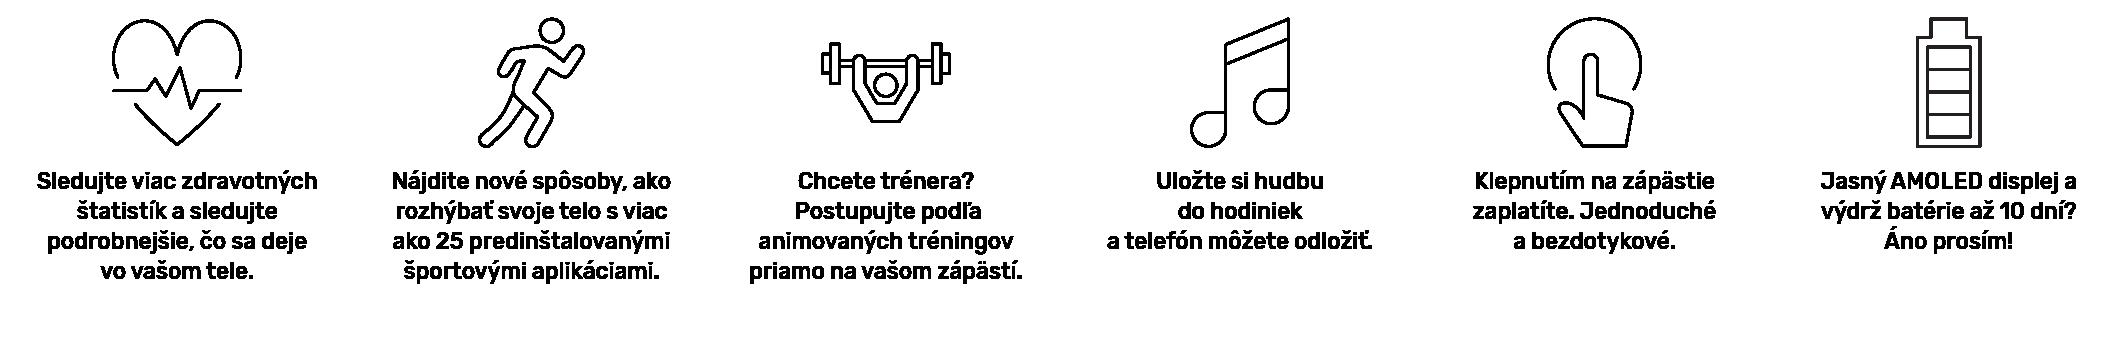 Venu 2